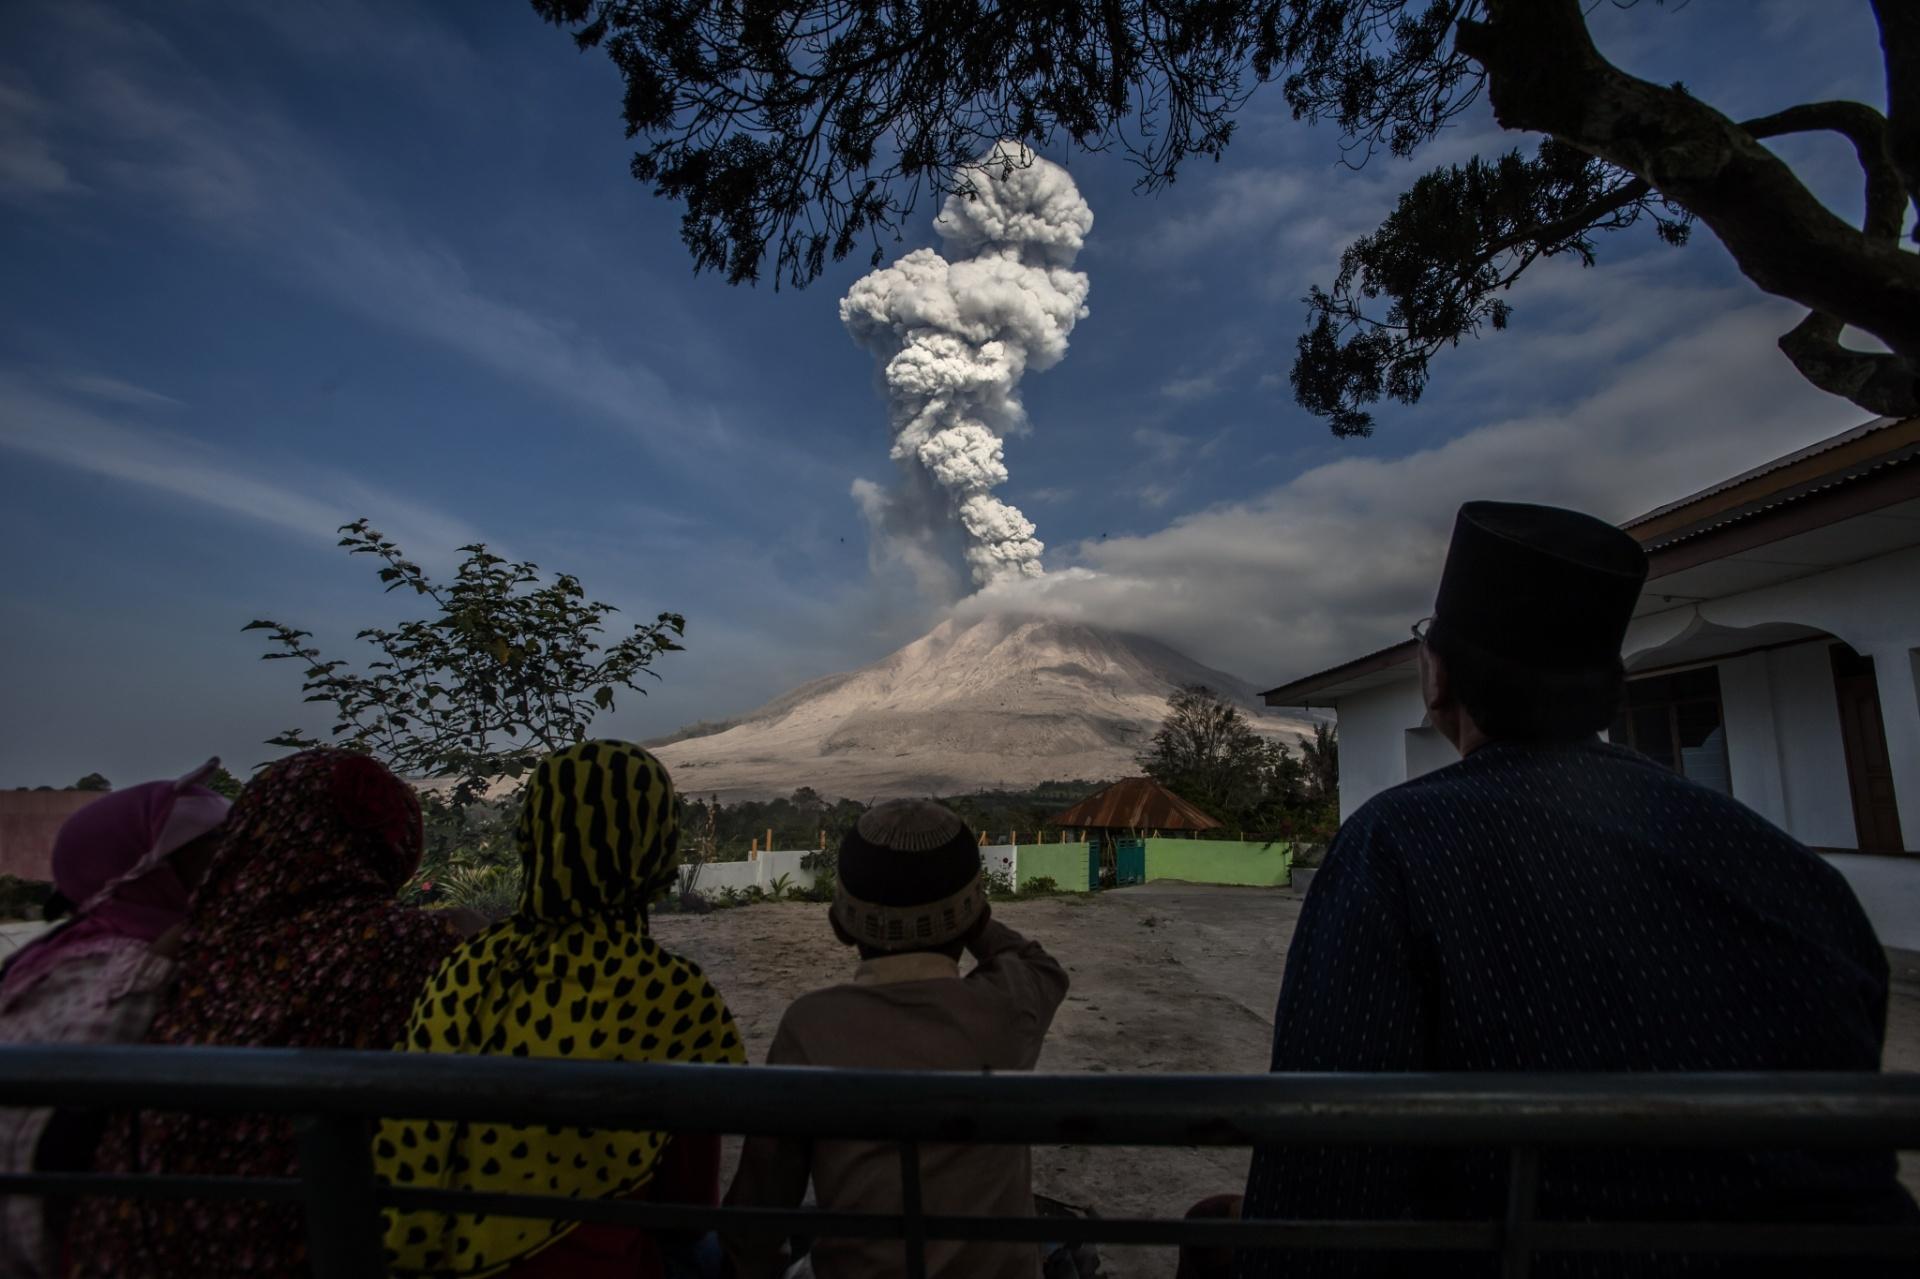 24.fev.2016 - Moradores da ilha de Sumatra, na Indonésia, assistem à erupção do Monte Sinabung. Autoridades locais vêm pedindo aos residentes paciência para enfrentar os impactos causados pela atividade do vulcão, que está prevista para continuar pelos próximos cinco anos